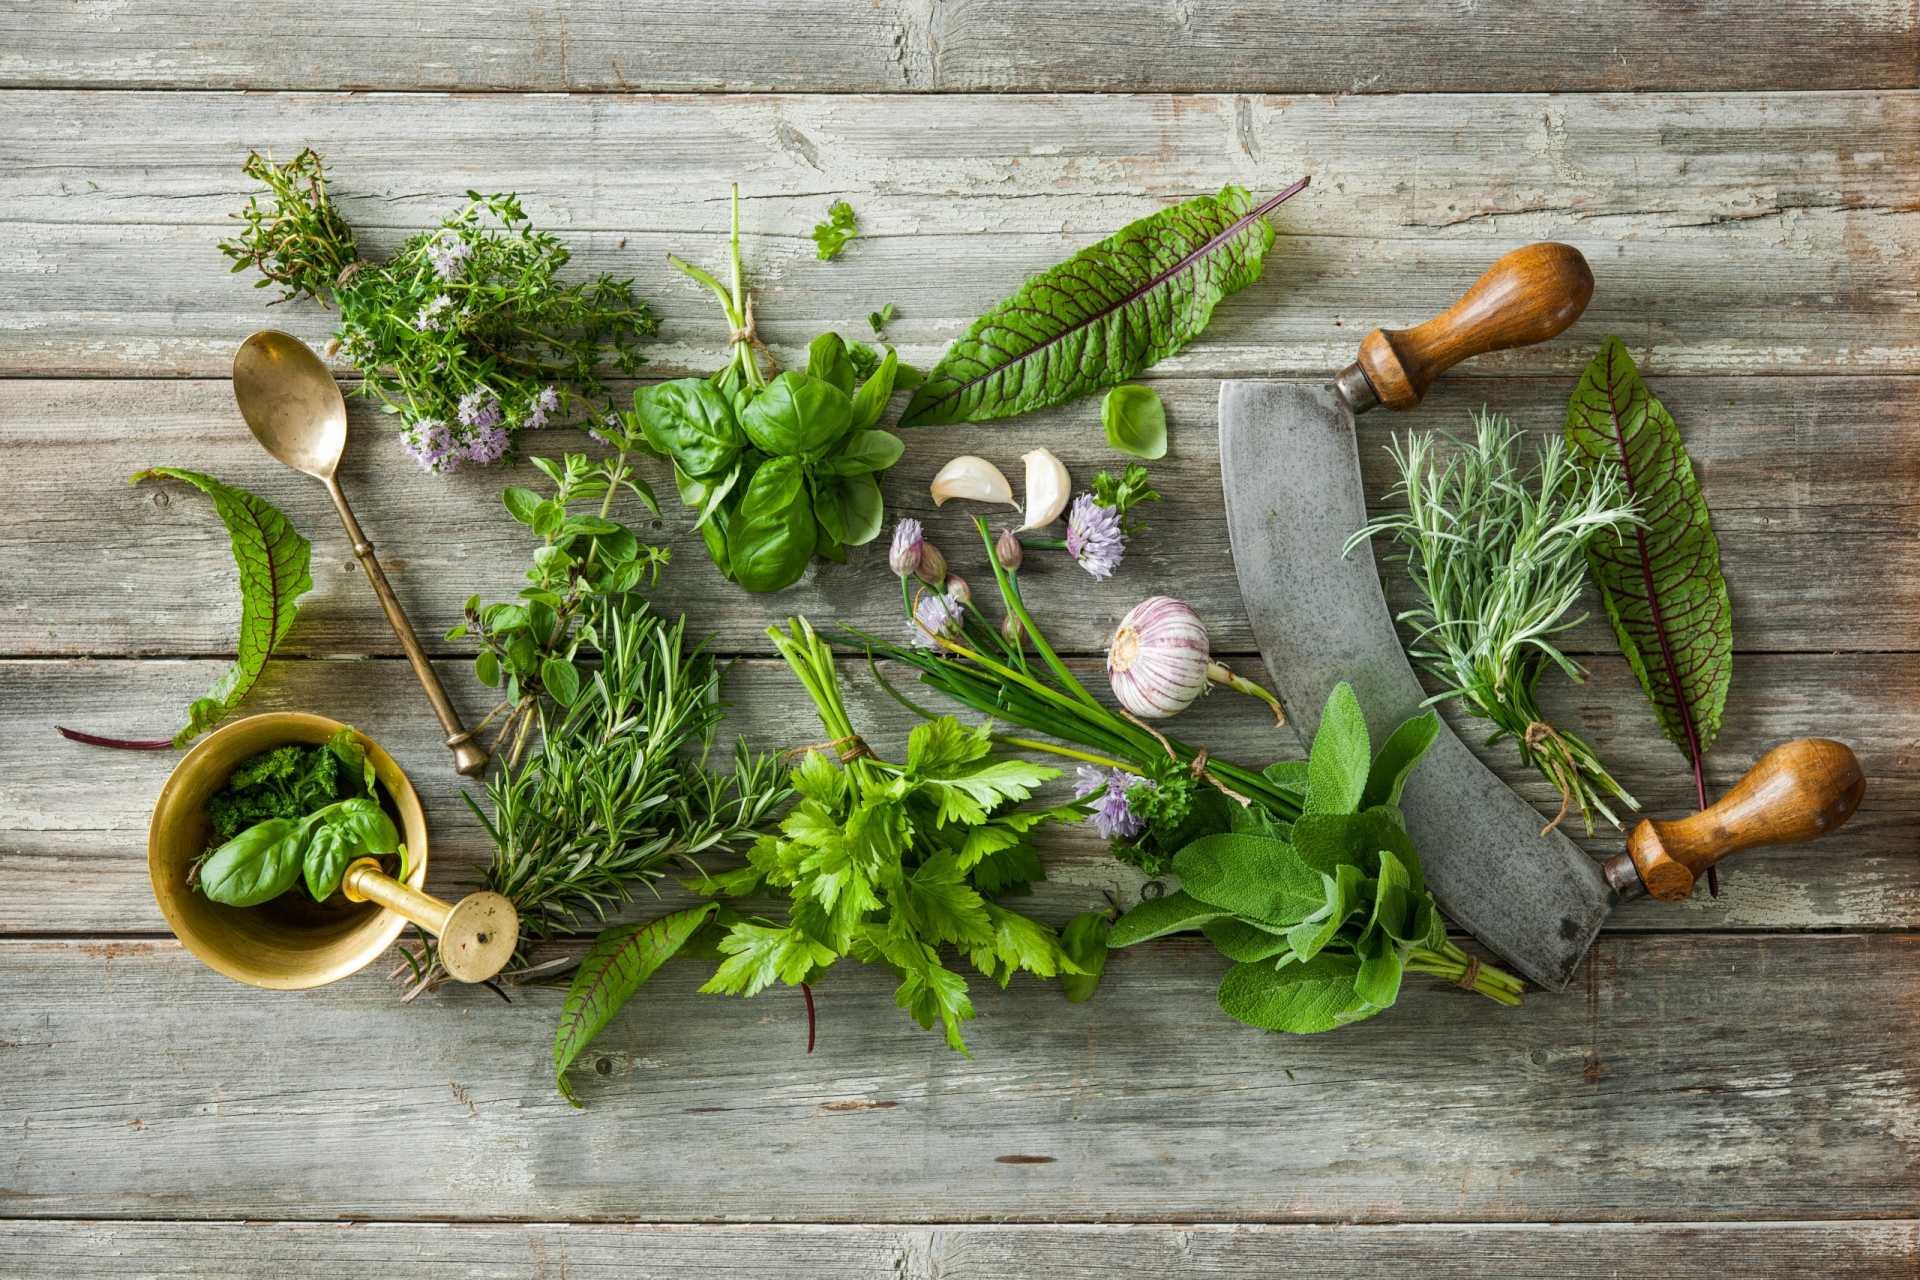 10 Fehler beim Küchenkräuter ziehen, die Sie verhindern sollten